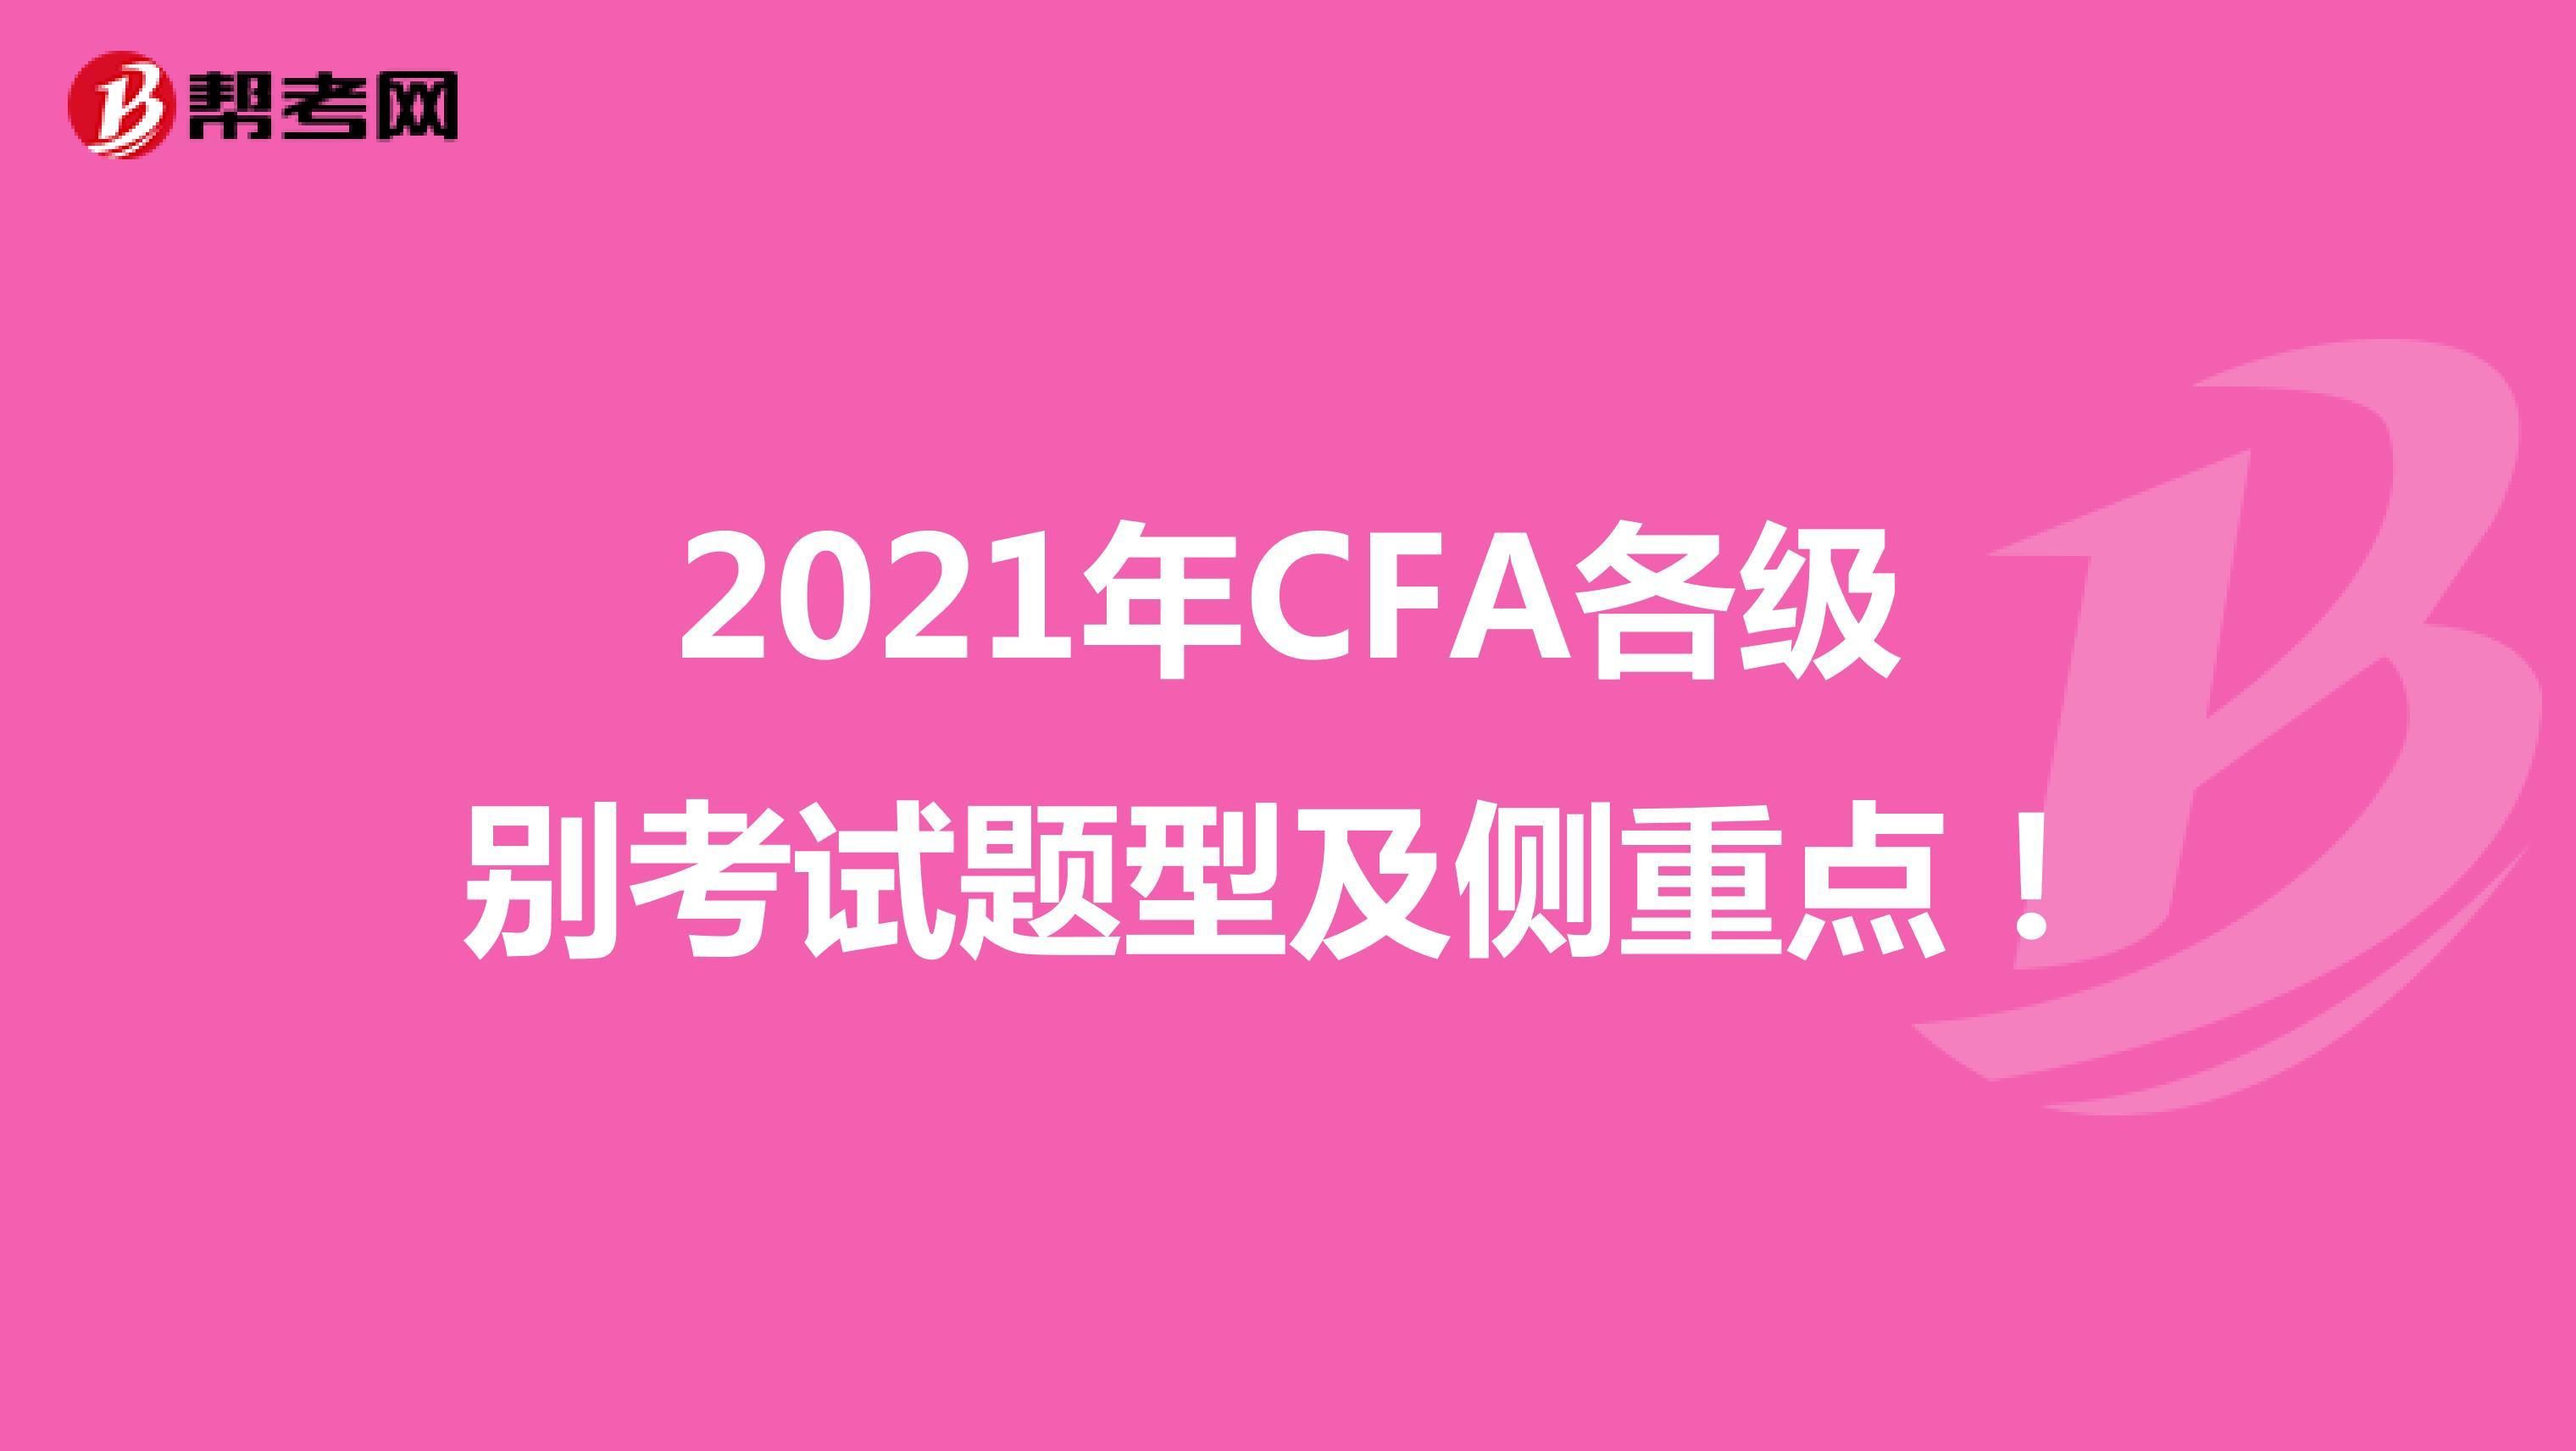 2021年CFA各级别考试题型及侧重点!